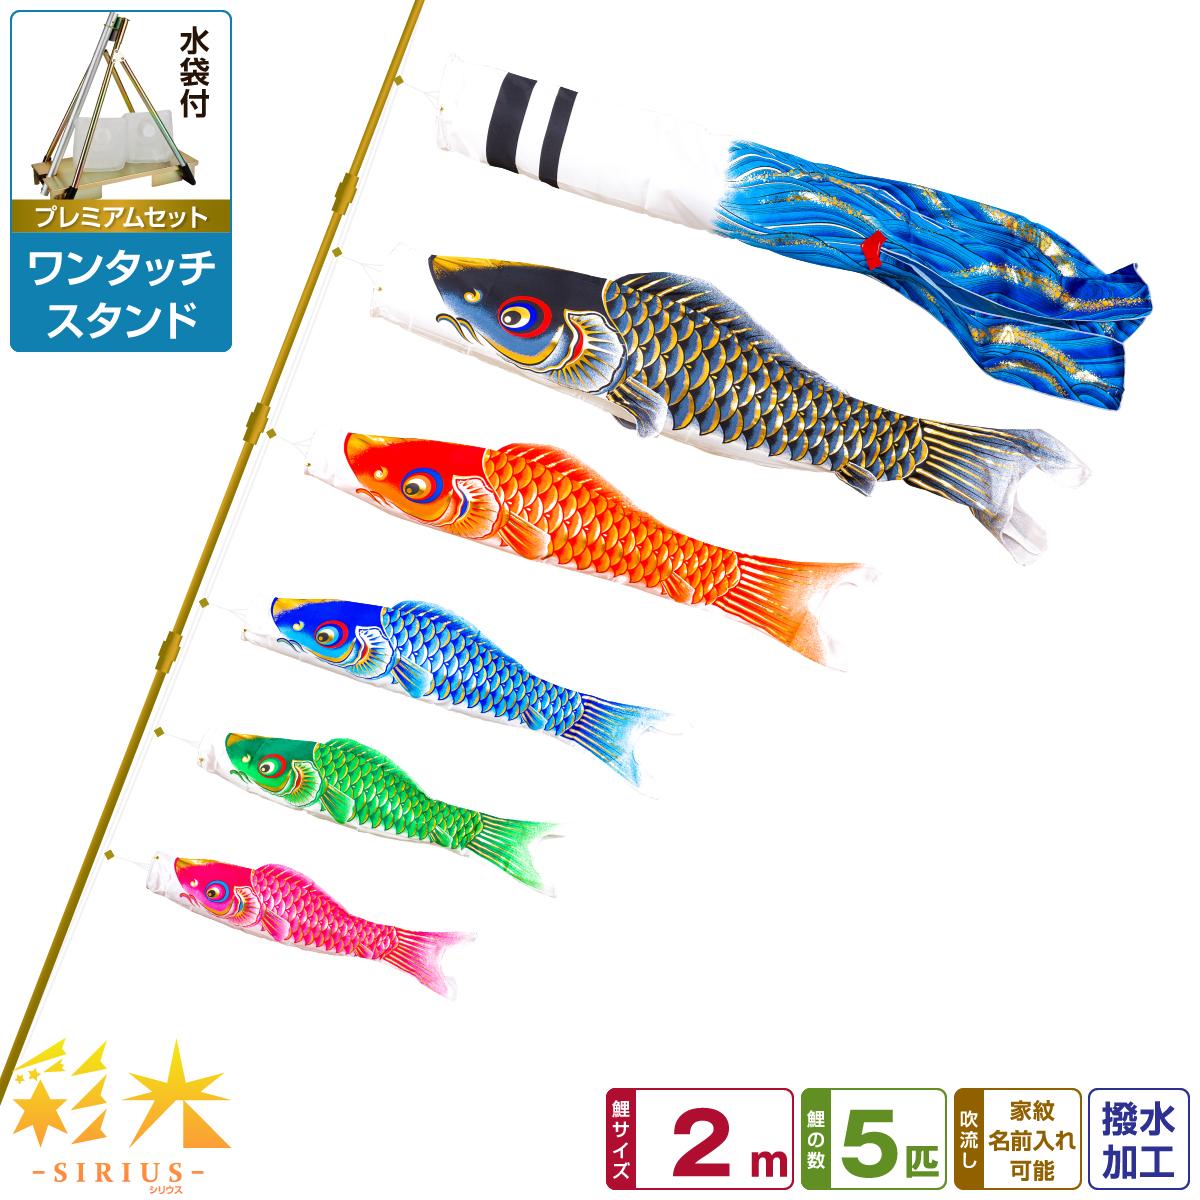 ベランダ用 こいのぼり 鯉のぼり SIRIUS/彩光鯉 2m 8点(吹流し+鯉5匹+矢車+ロープ)/プレミアムセット(ワンタッチスタンド)